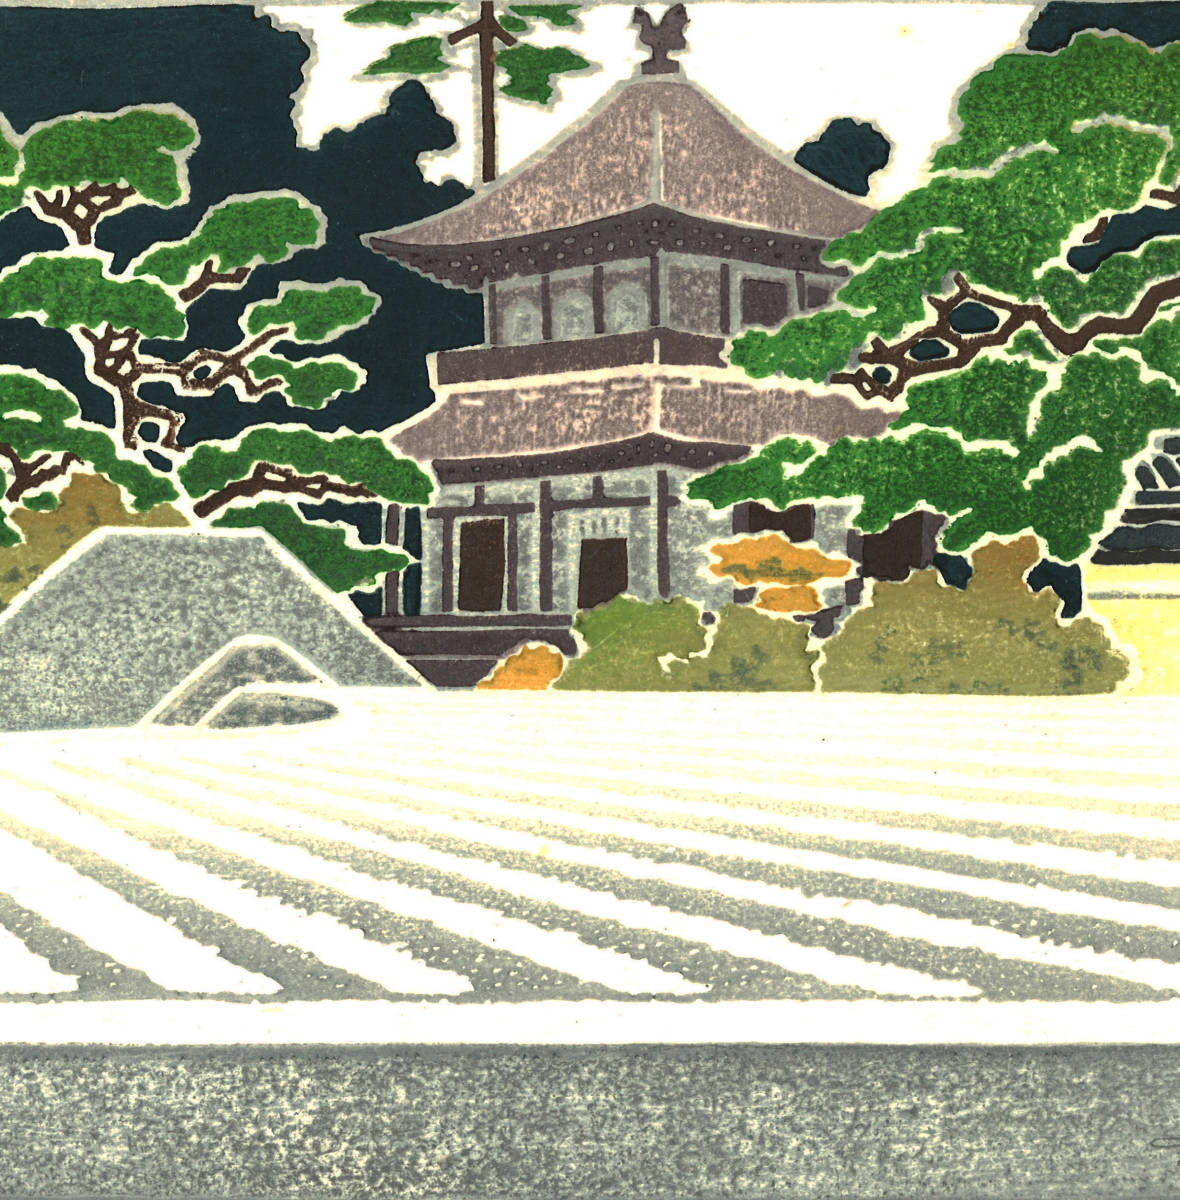 吉田遠志 木版画   016302 銀閣寺の庭  (Ginkakuji Garden)   初摺1963年  最高峰の摺師の技をご堪能下さい!!_画像6